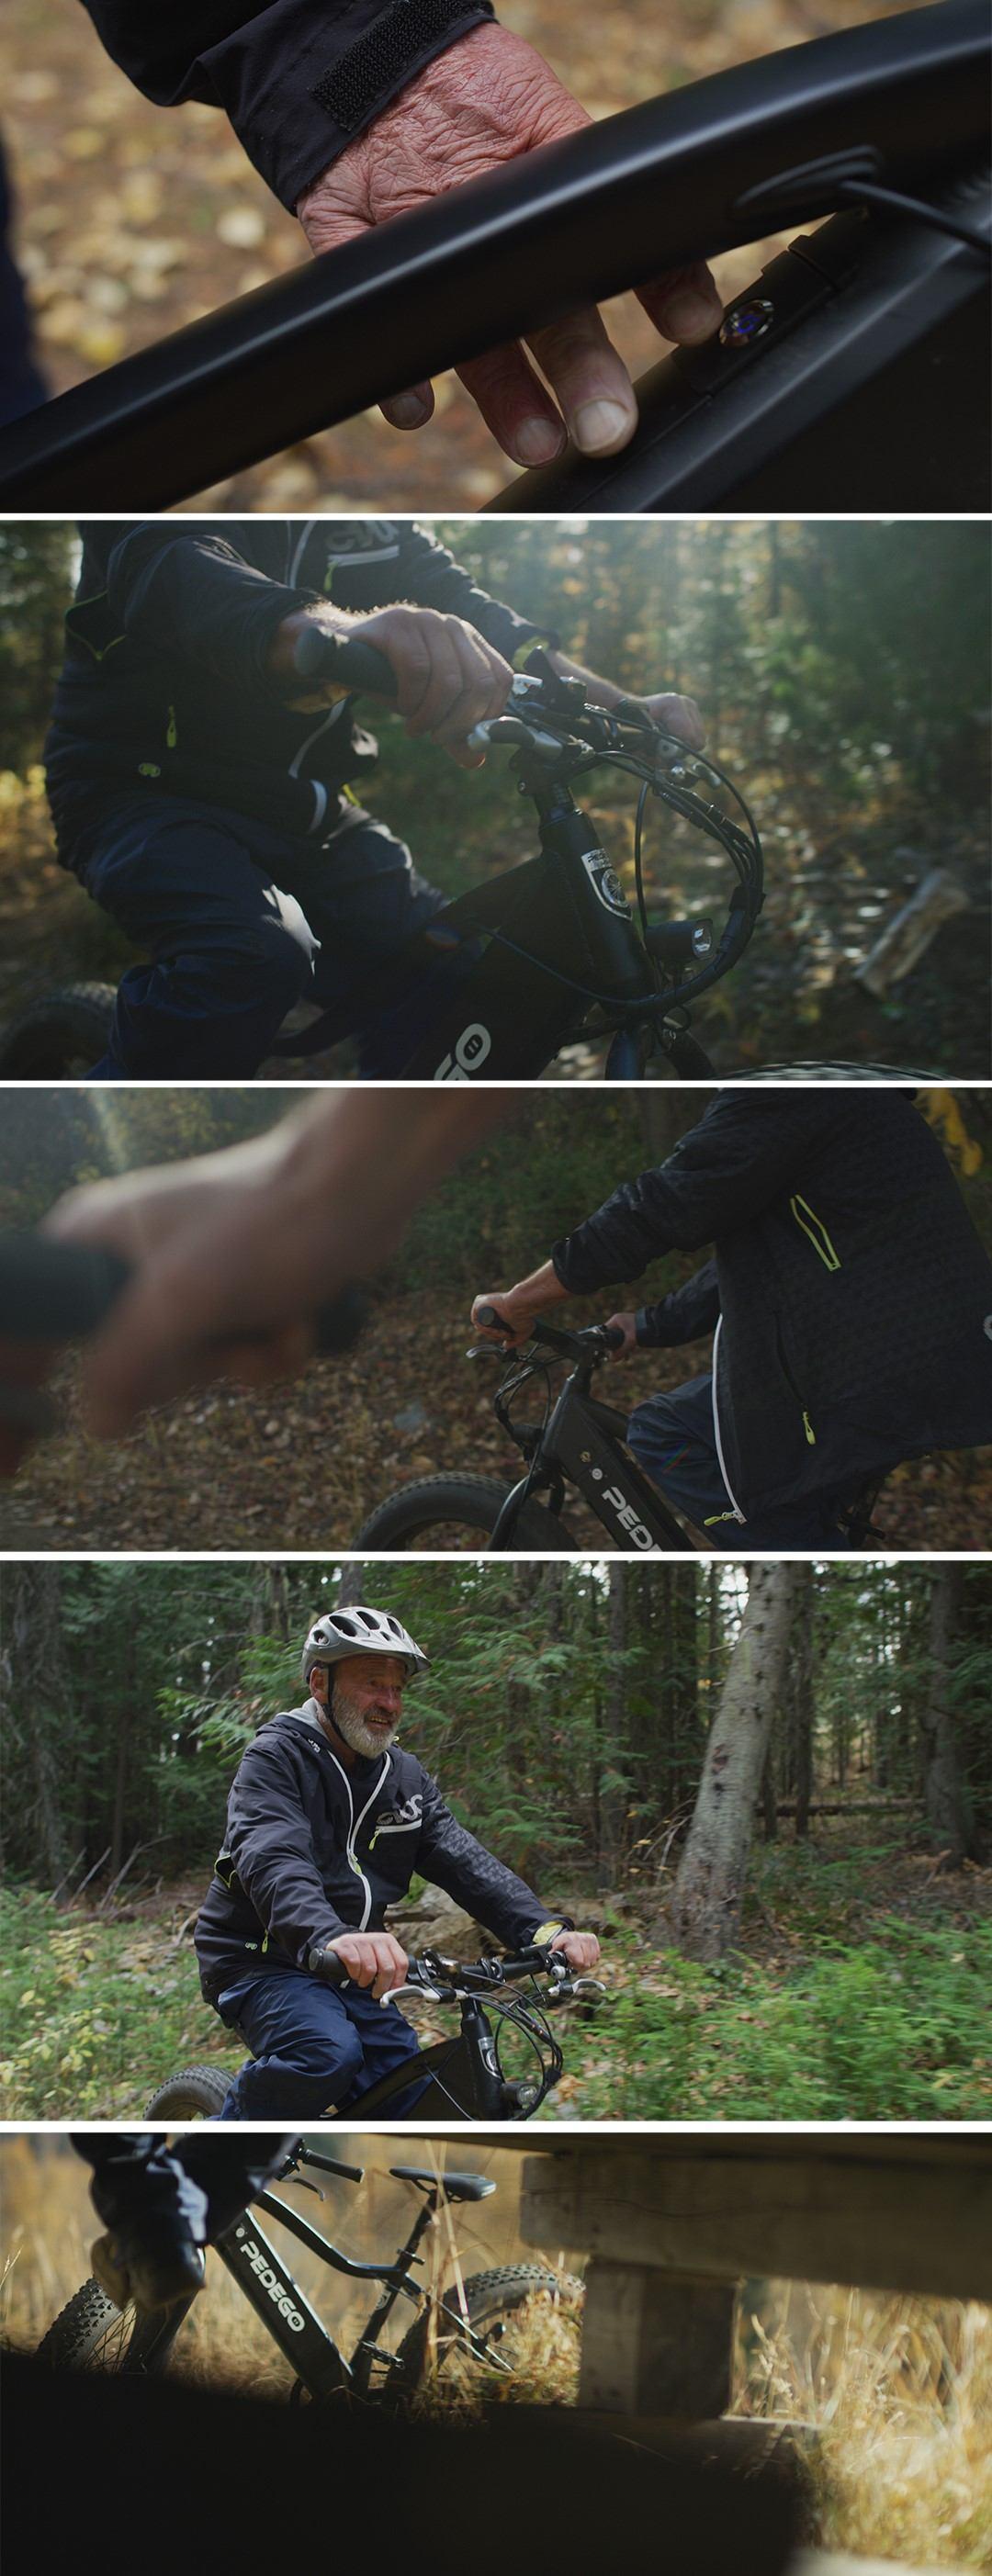 A Ride with Dad - Derek Frankowski Film